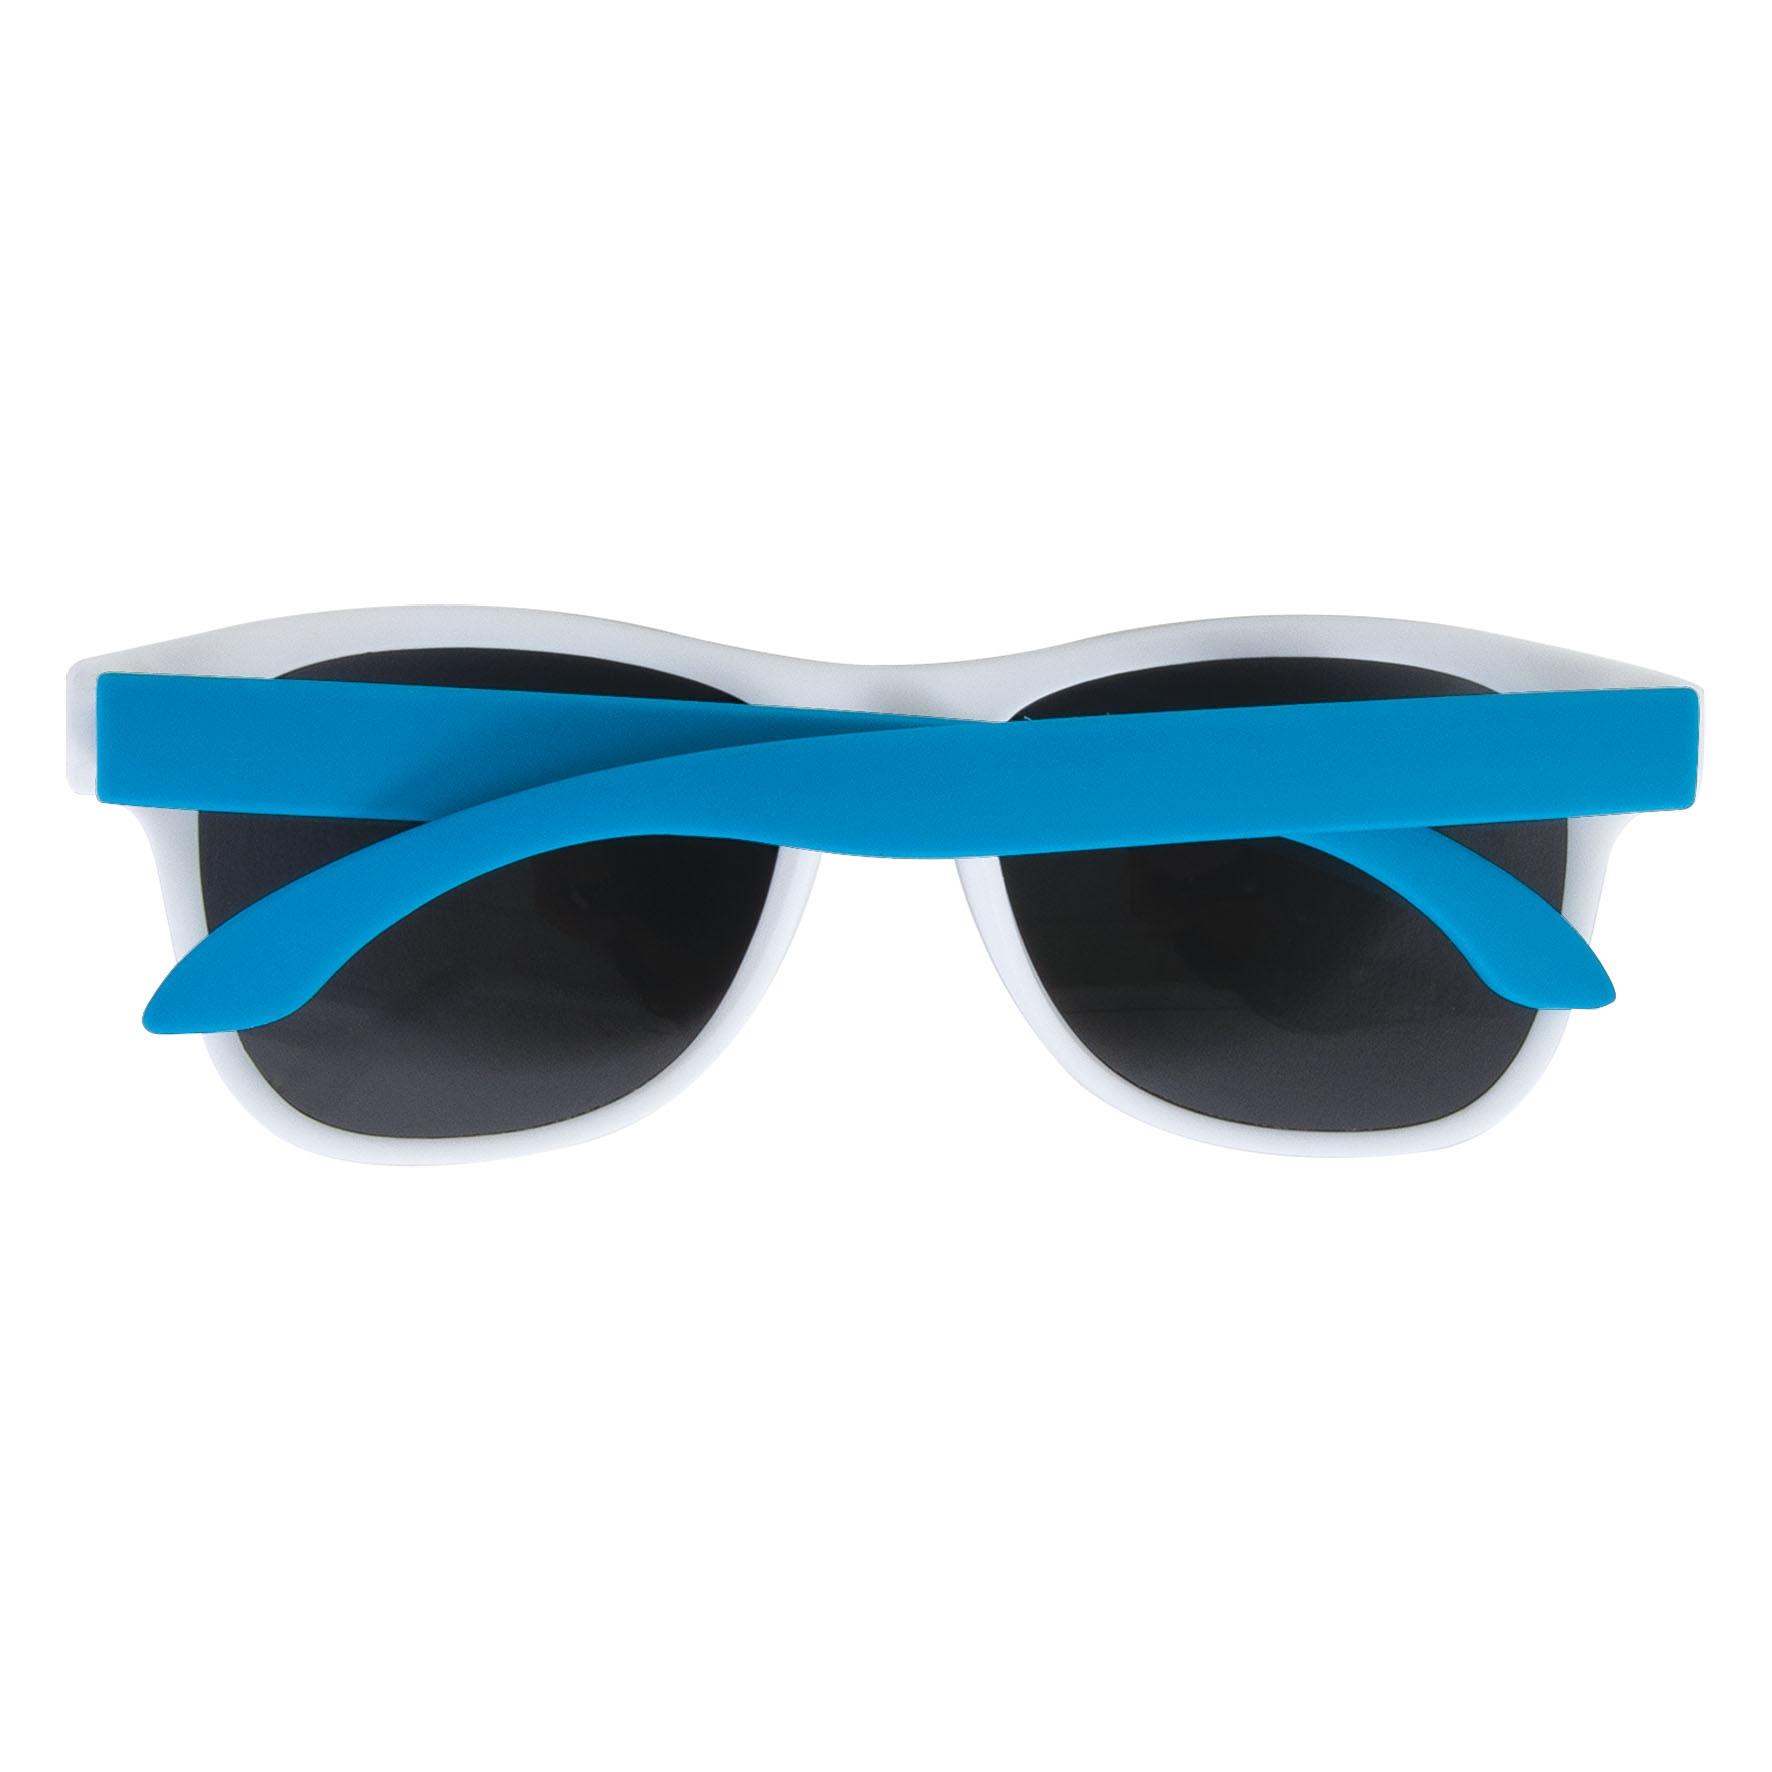 Accessoire de plage - Lunettes de soleil publicitaire adulte 3 couleurs